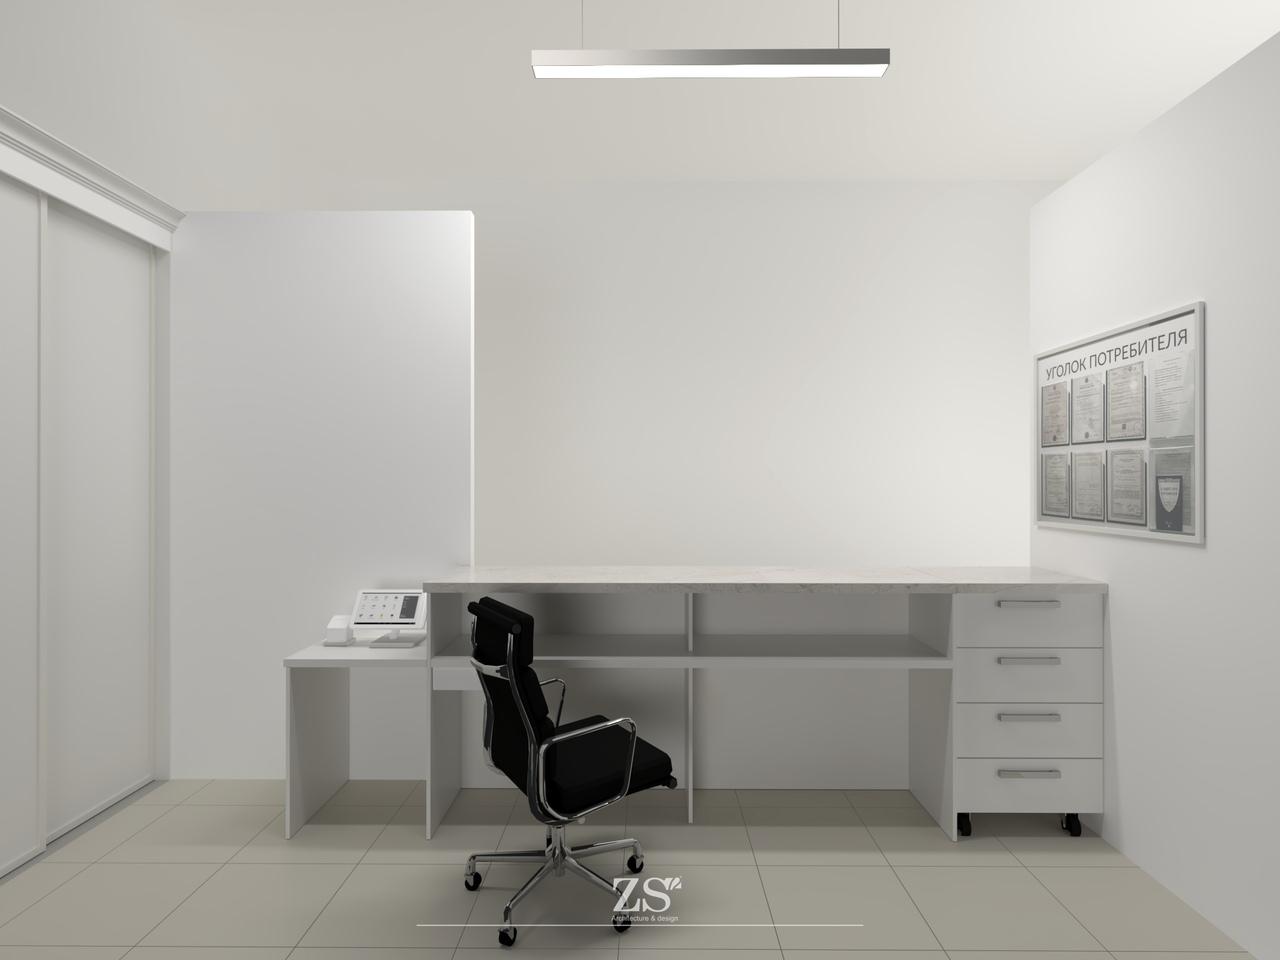 Проект приемного пункта химчистки для согласования с арендодателем и изготовления мебельных конструкций